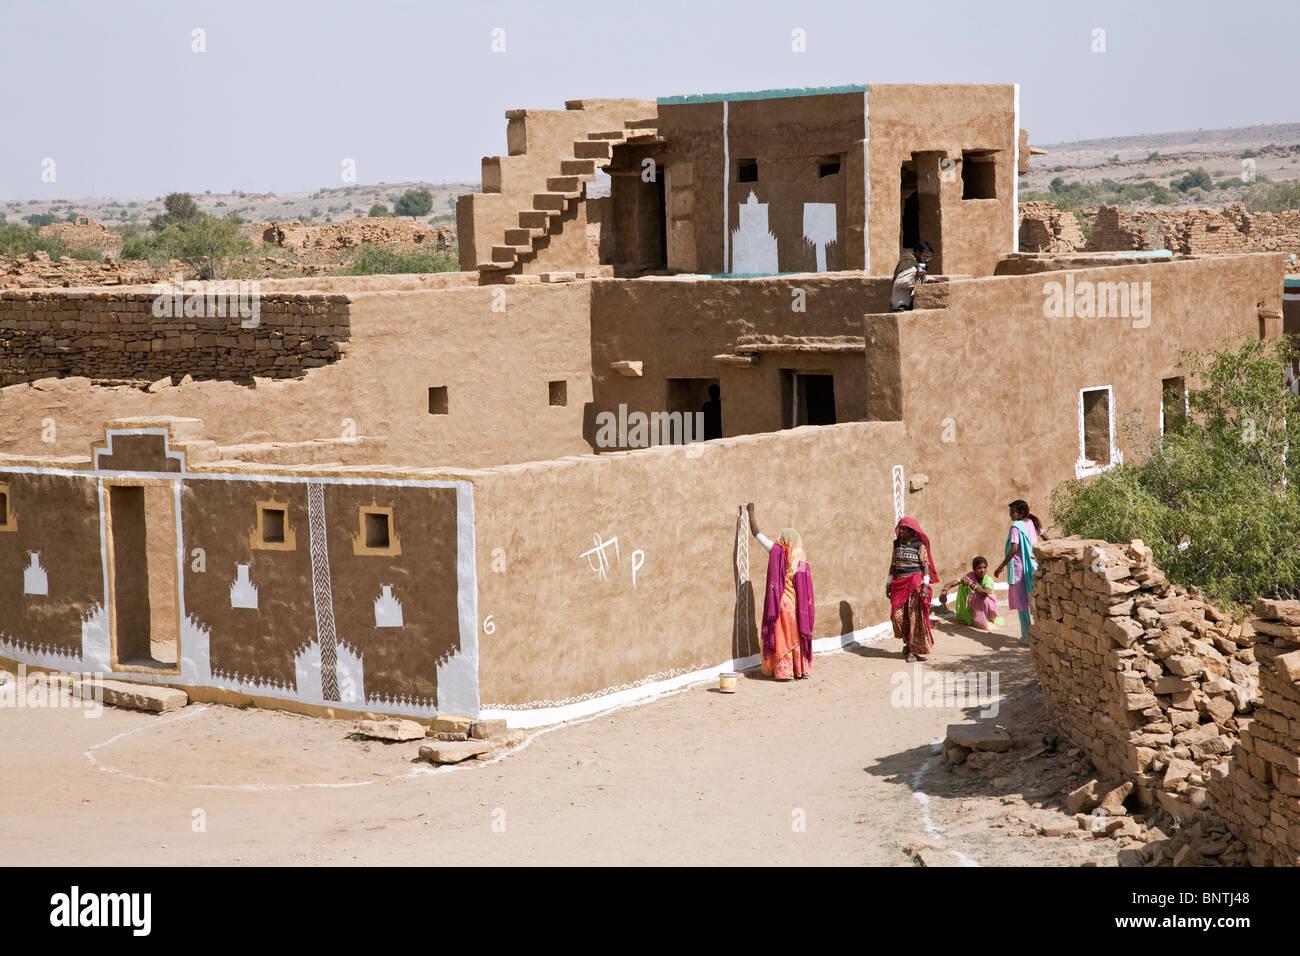 Frauen, Die Ein Haus Malen. Khuri Dorf. Rajasthan. Indien